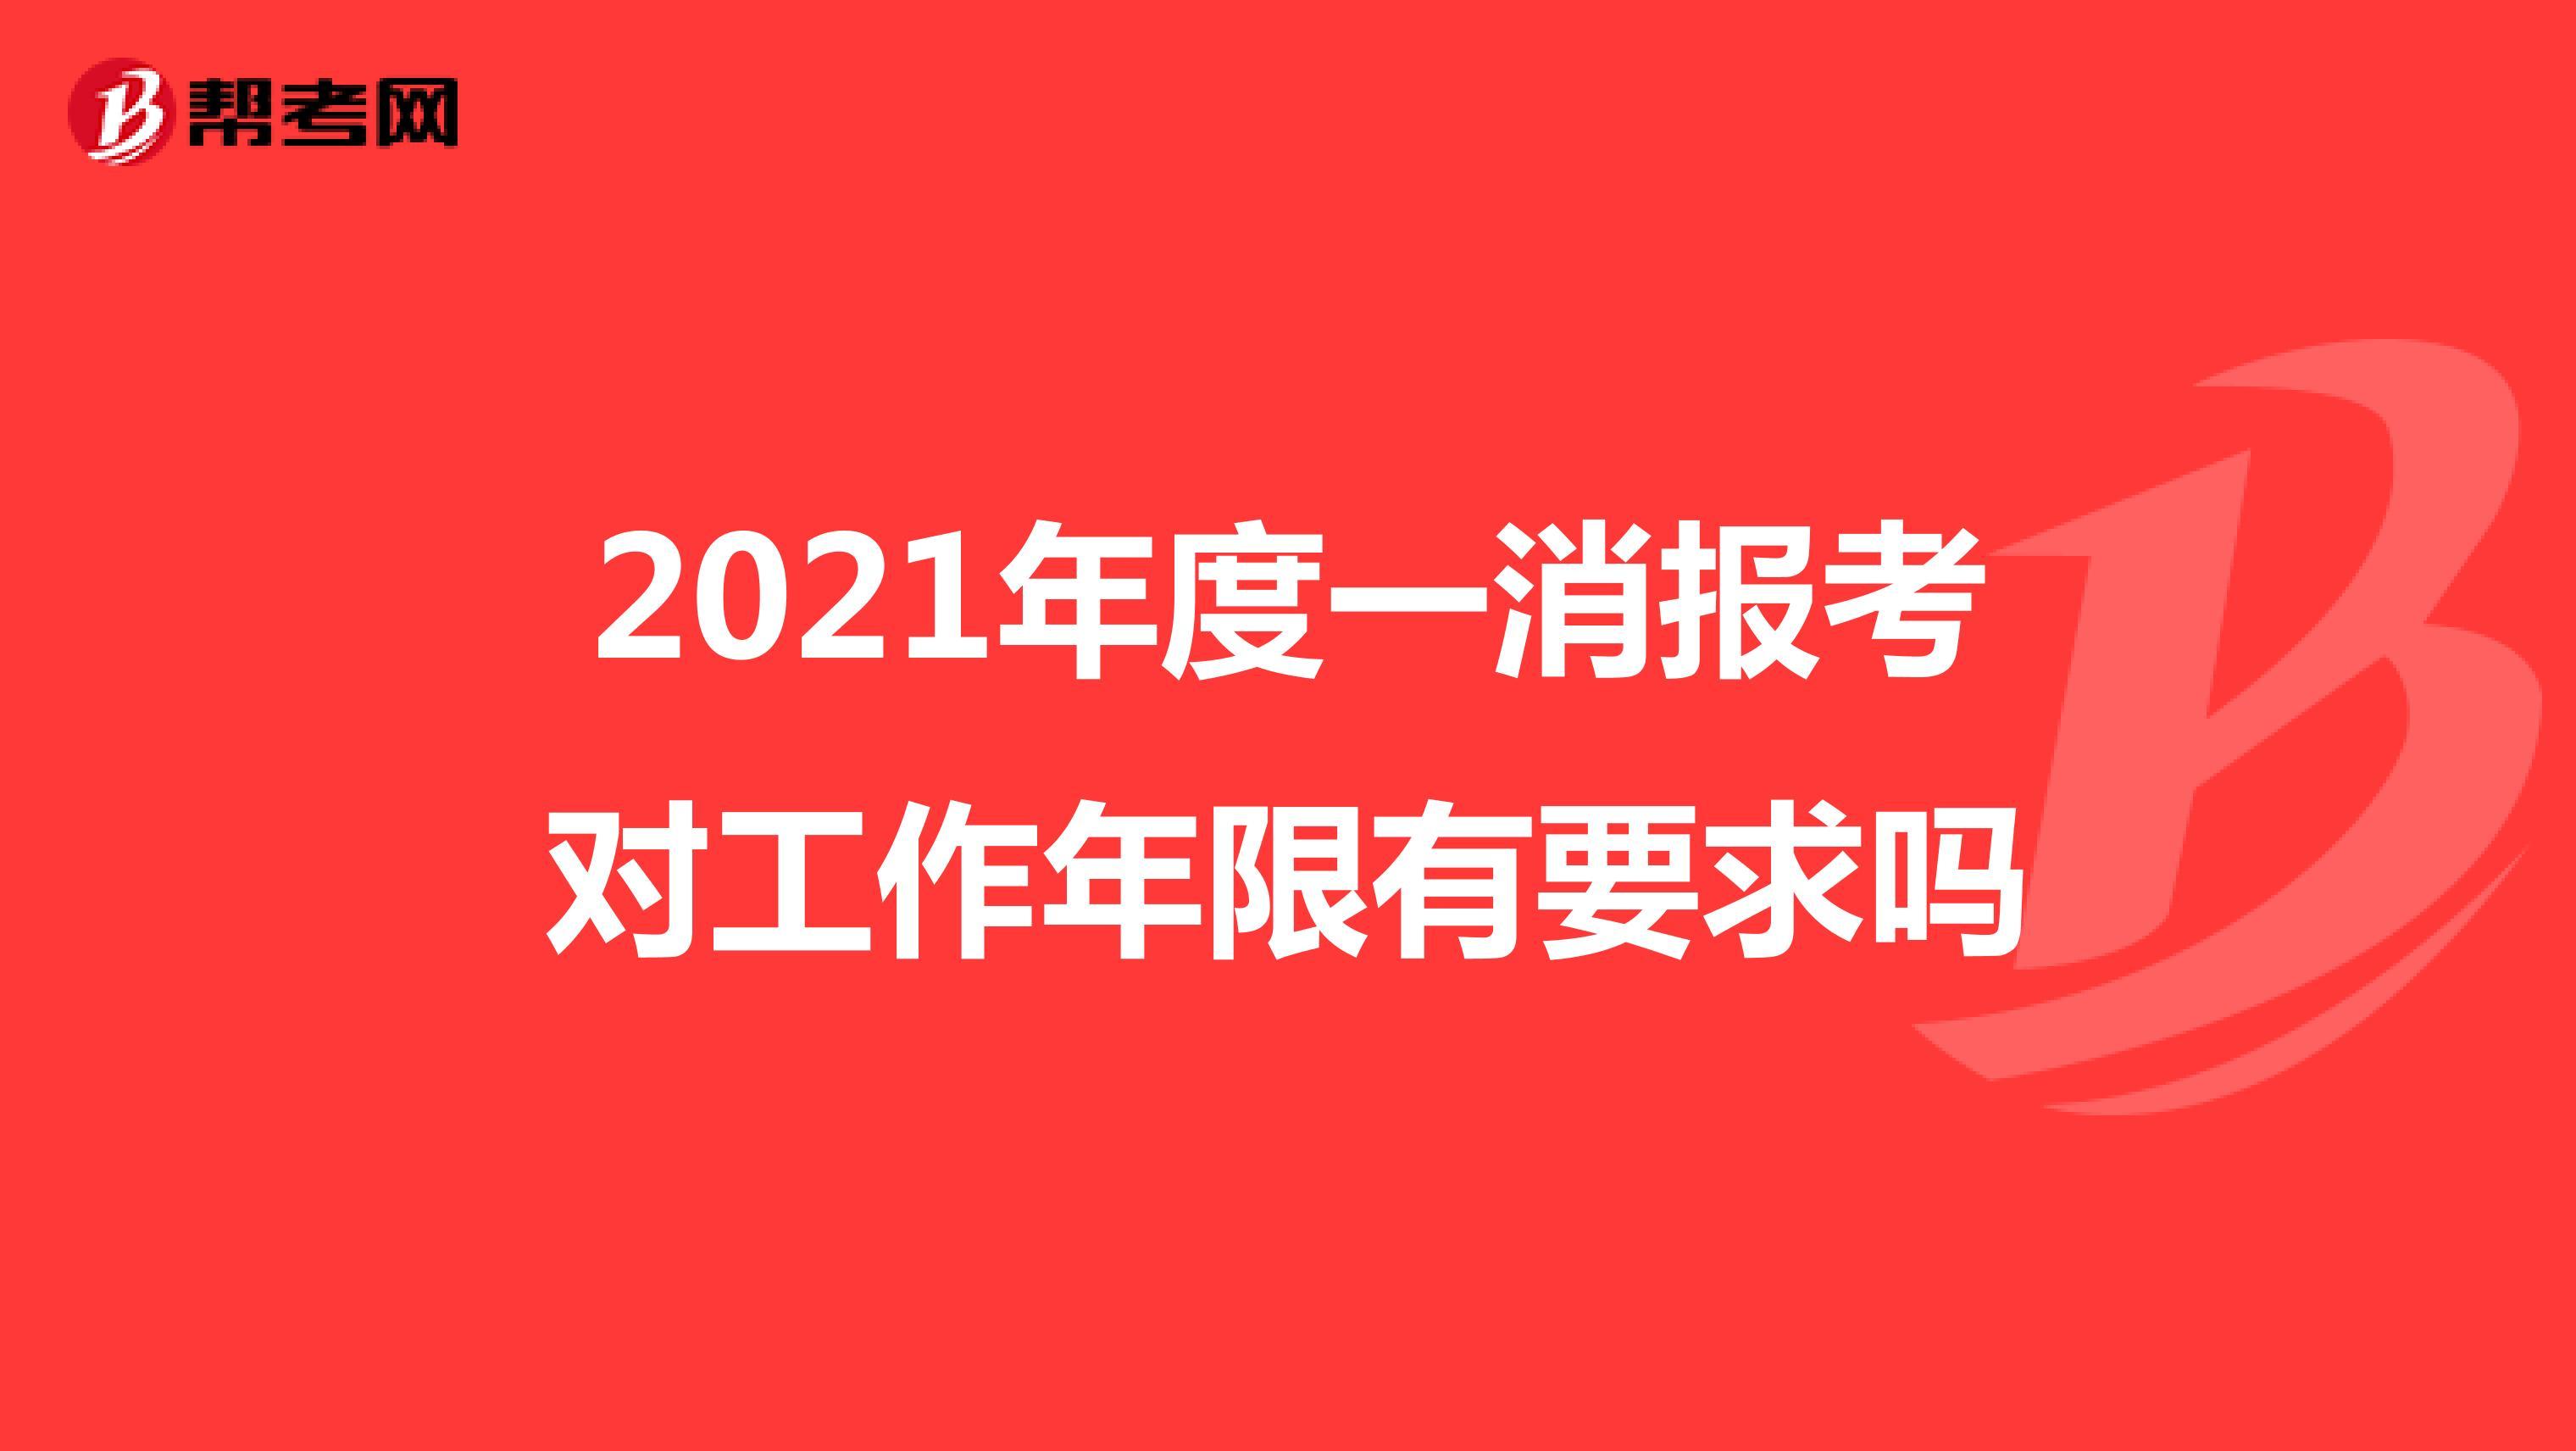 2021年度一消报考对工作年限有要求吗